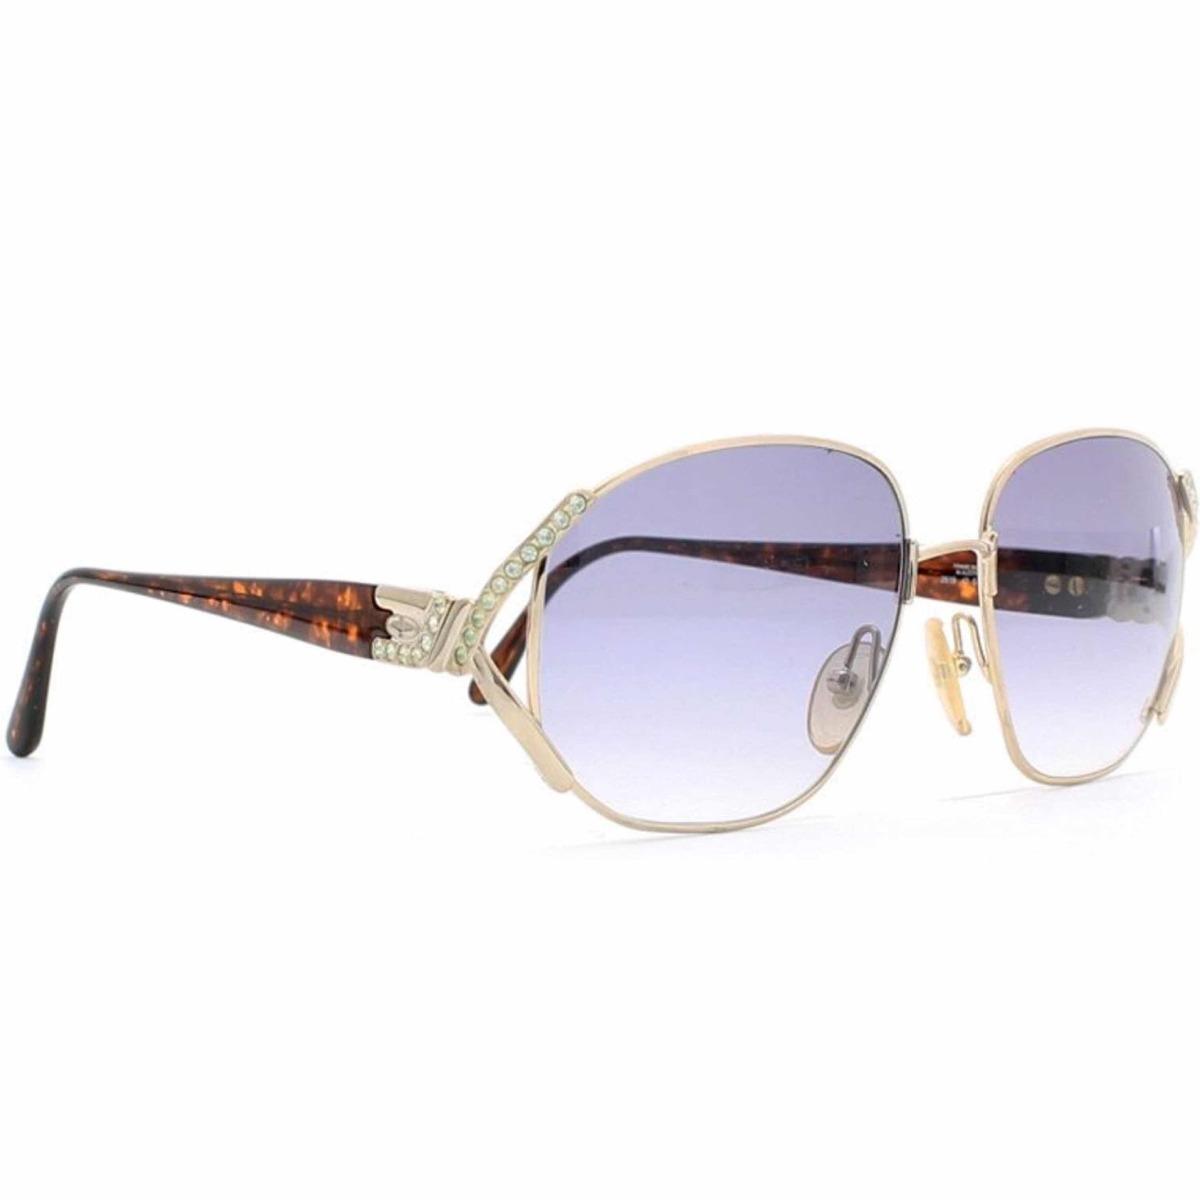 Christian Dior Lentes Marcos Retro Vintage Originales Sol - $ 6.860 ...